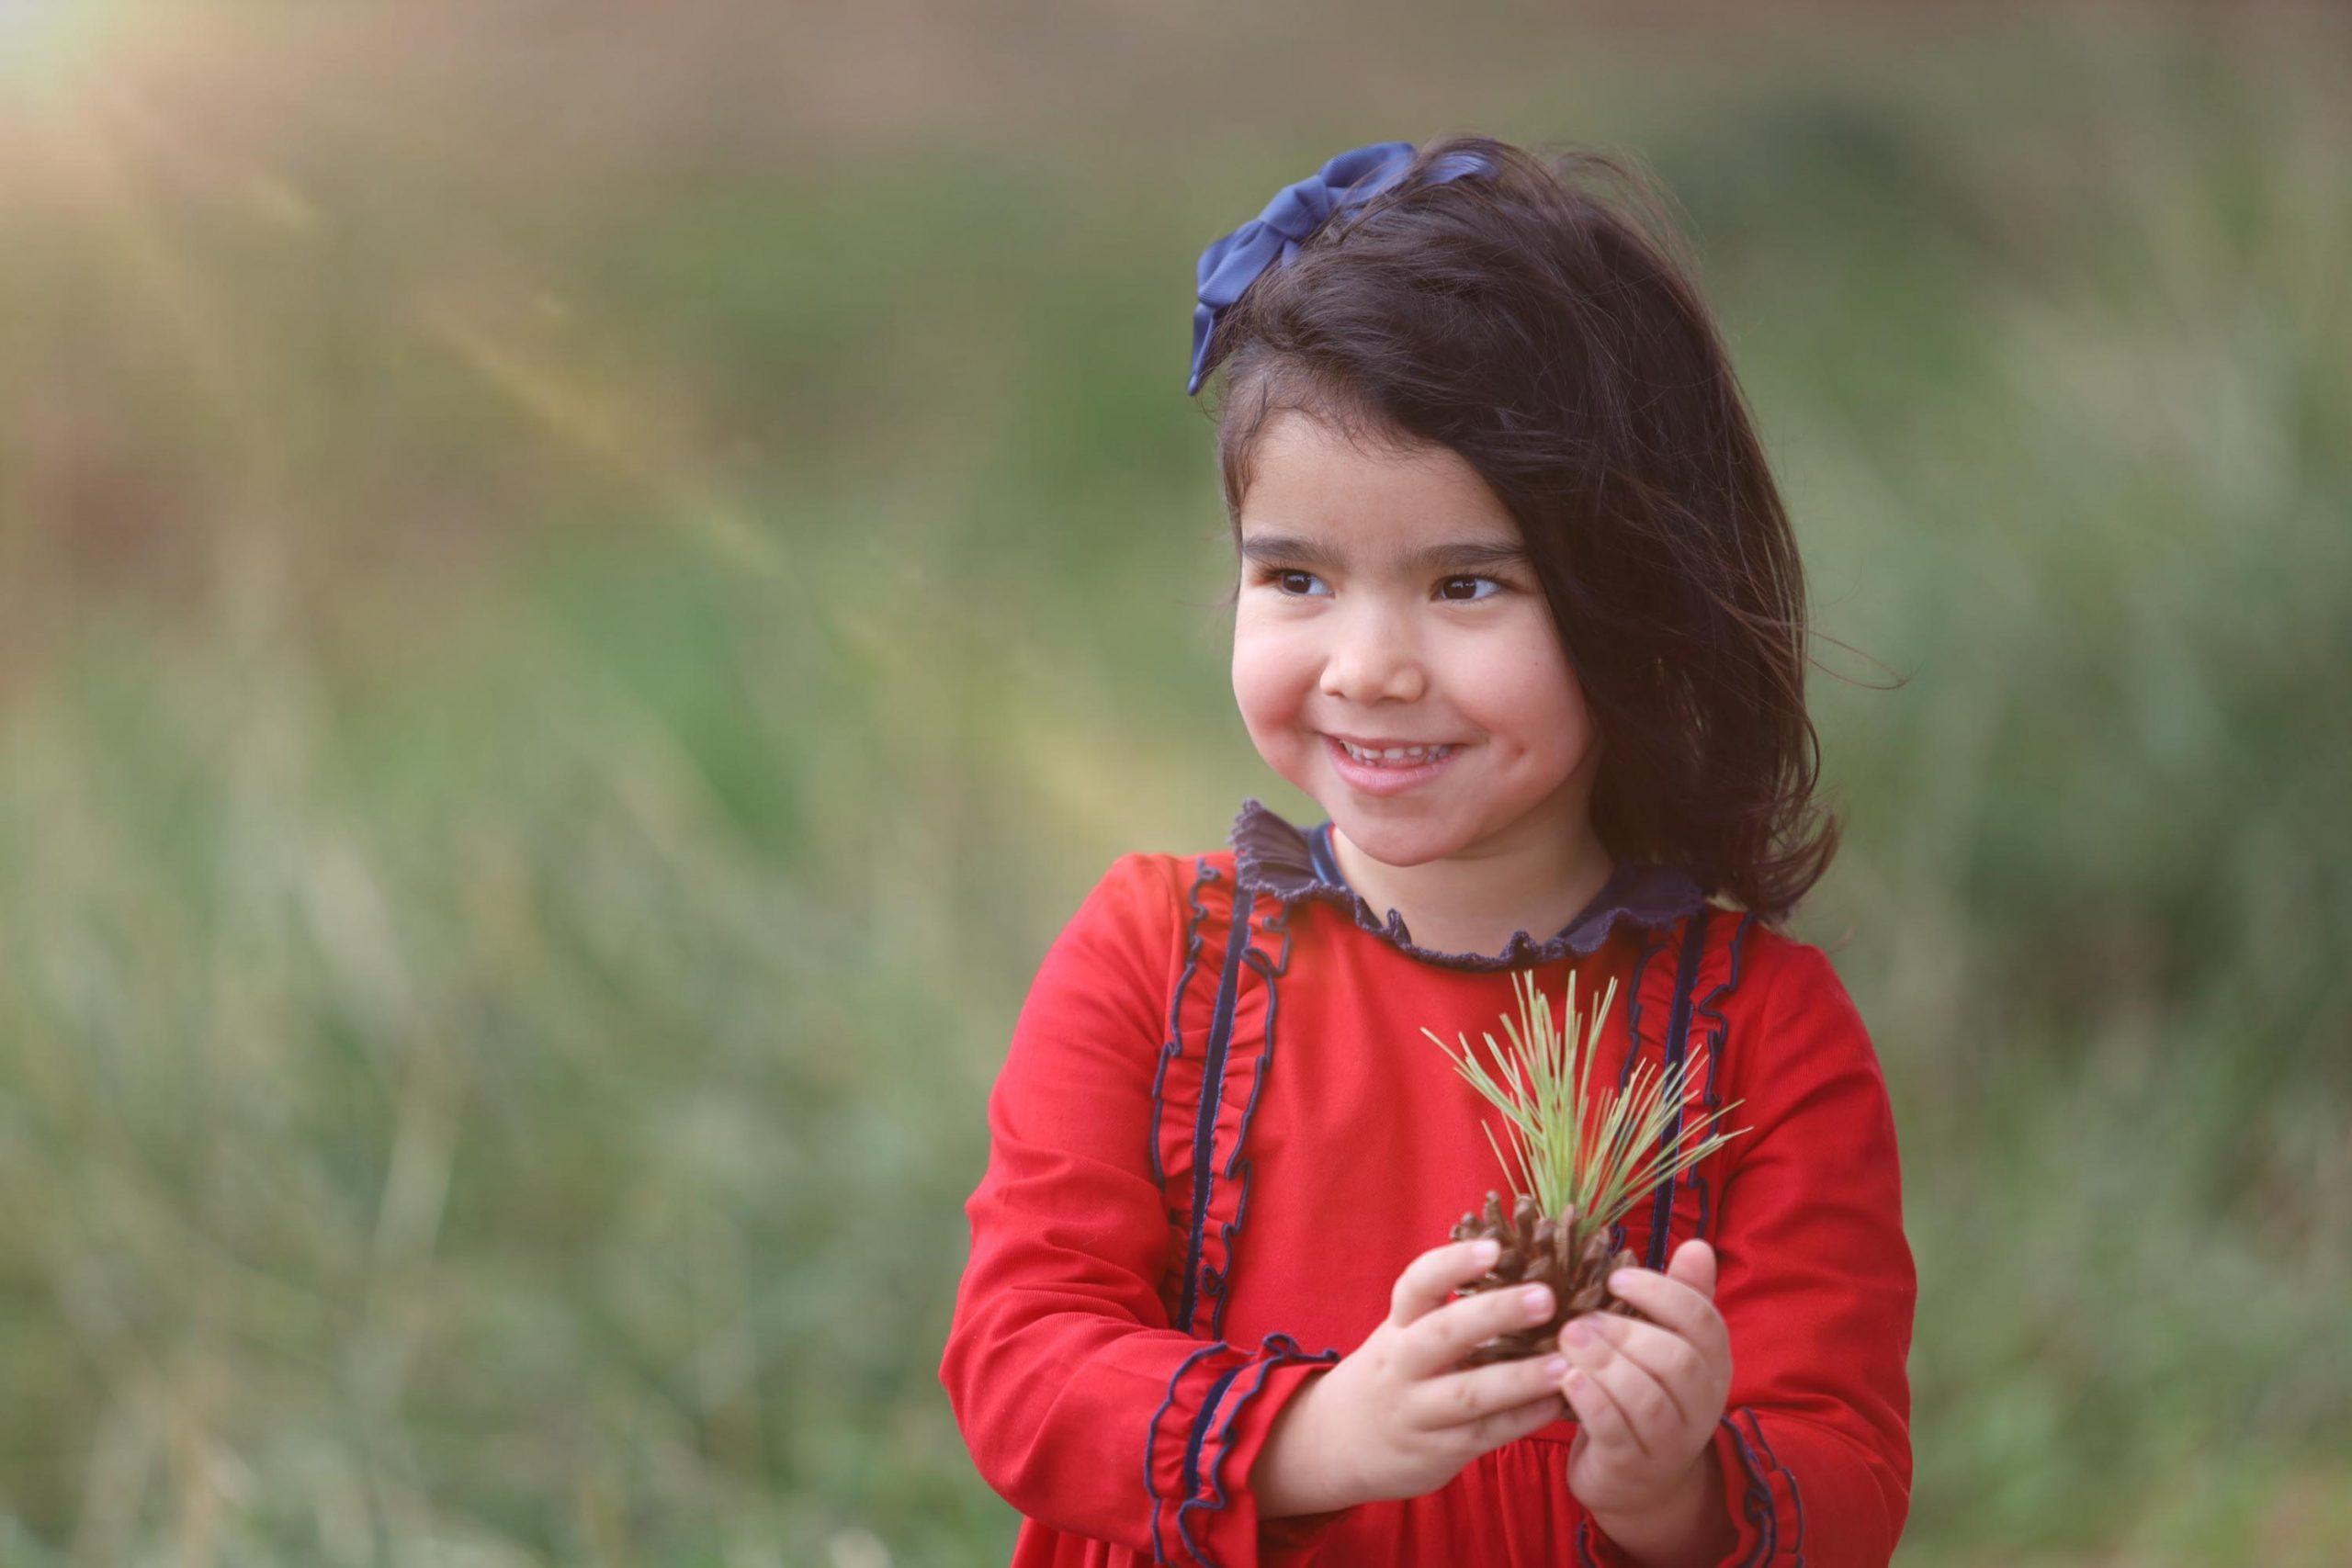 fotografia infantil malaga 8